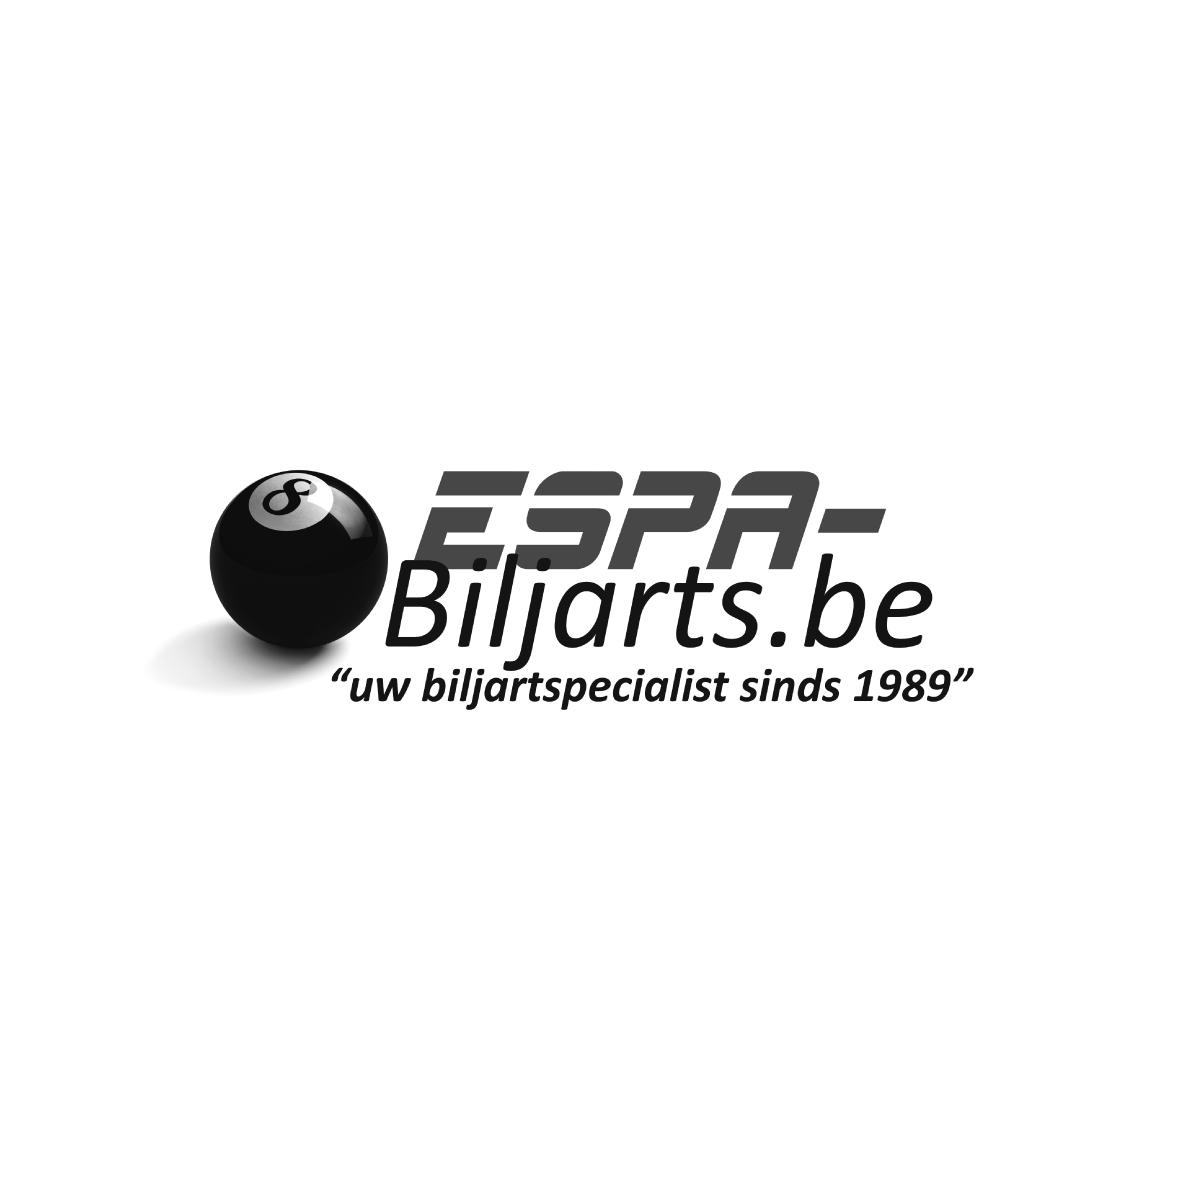 Espa Biljarts